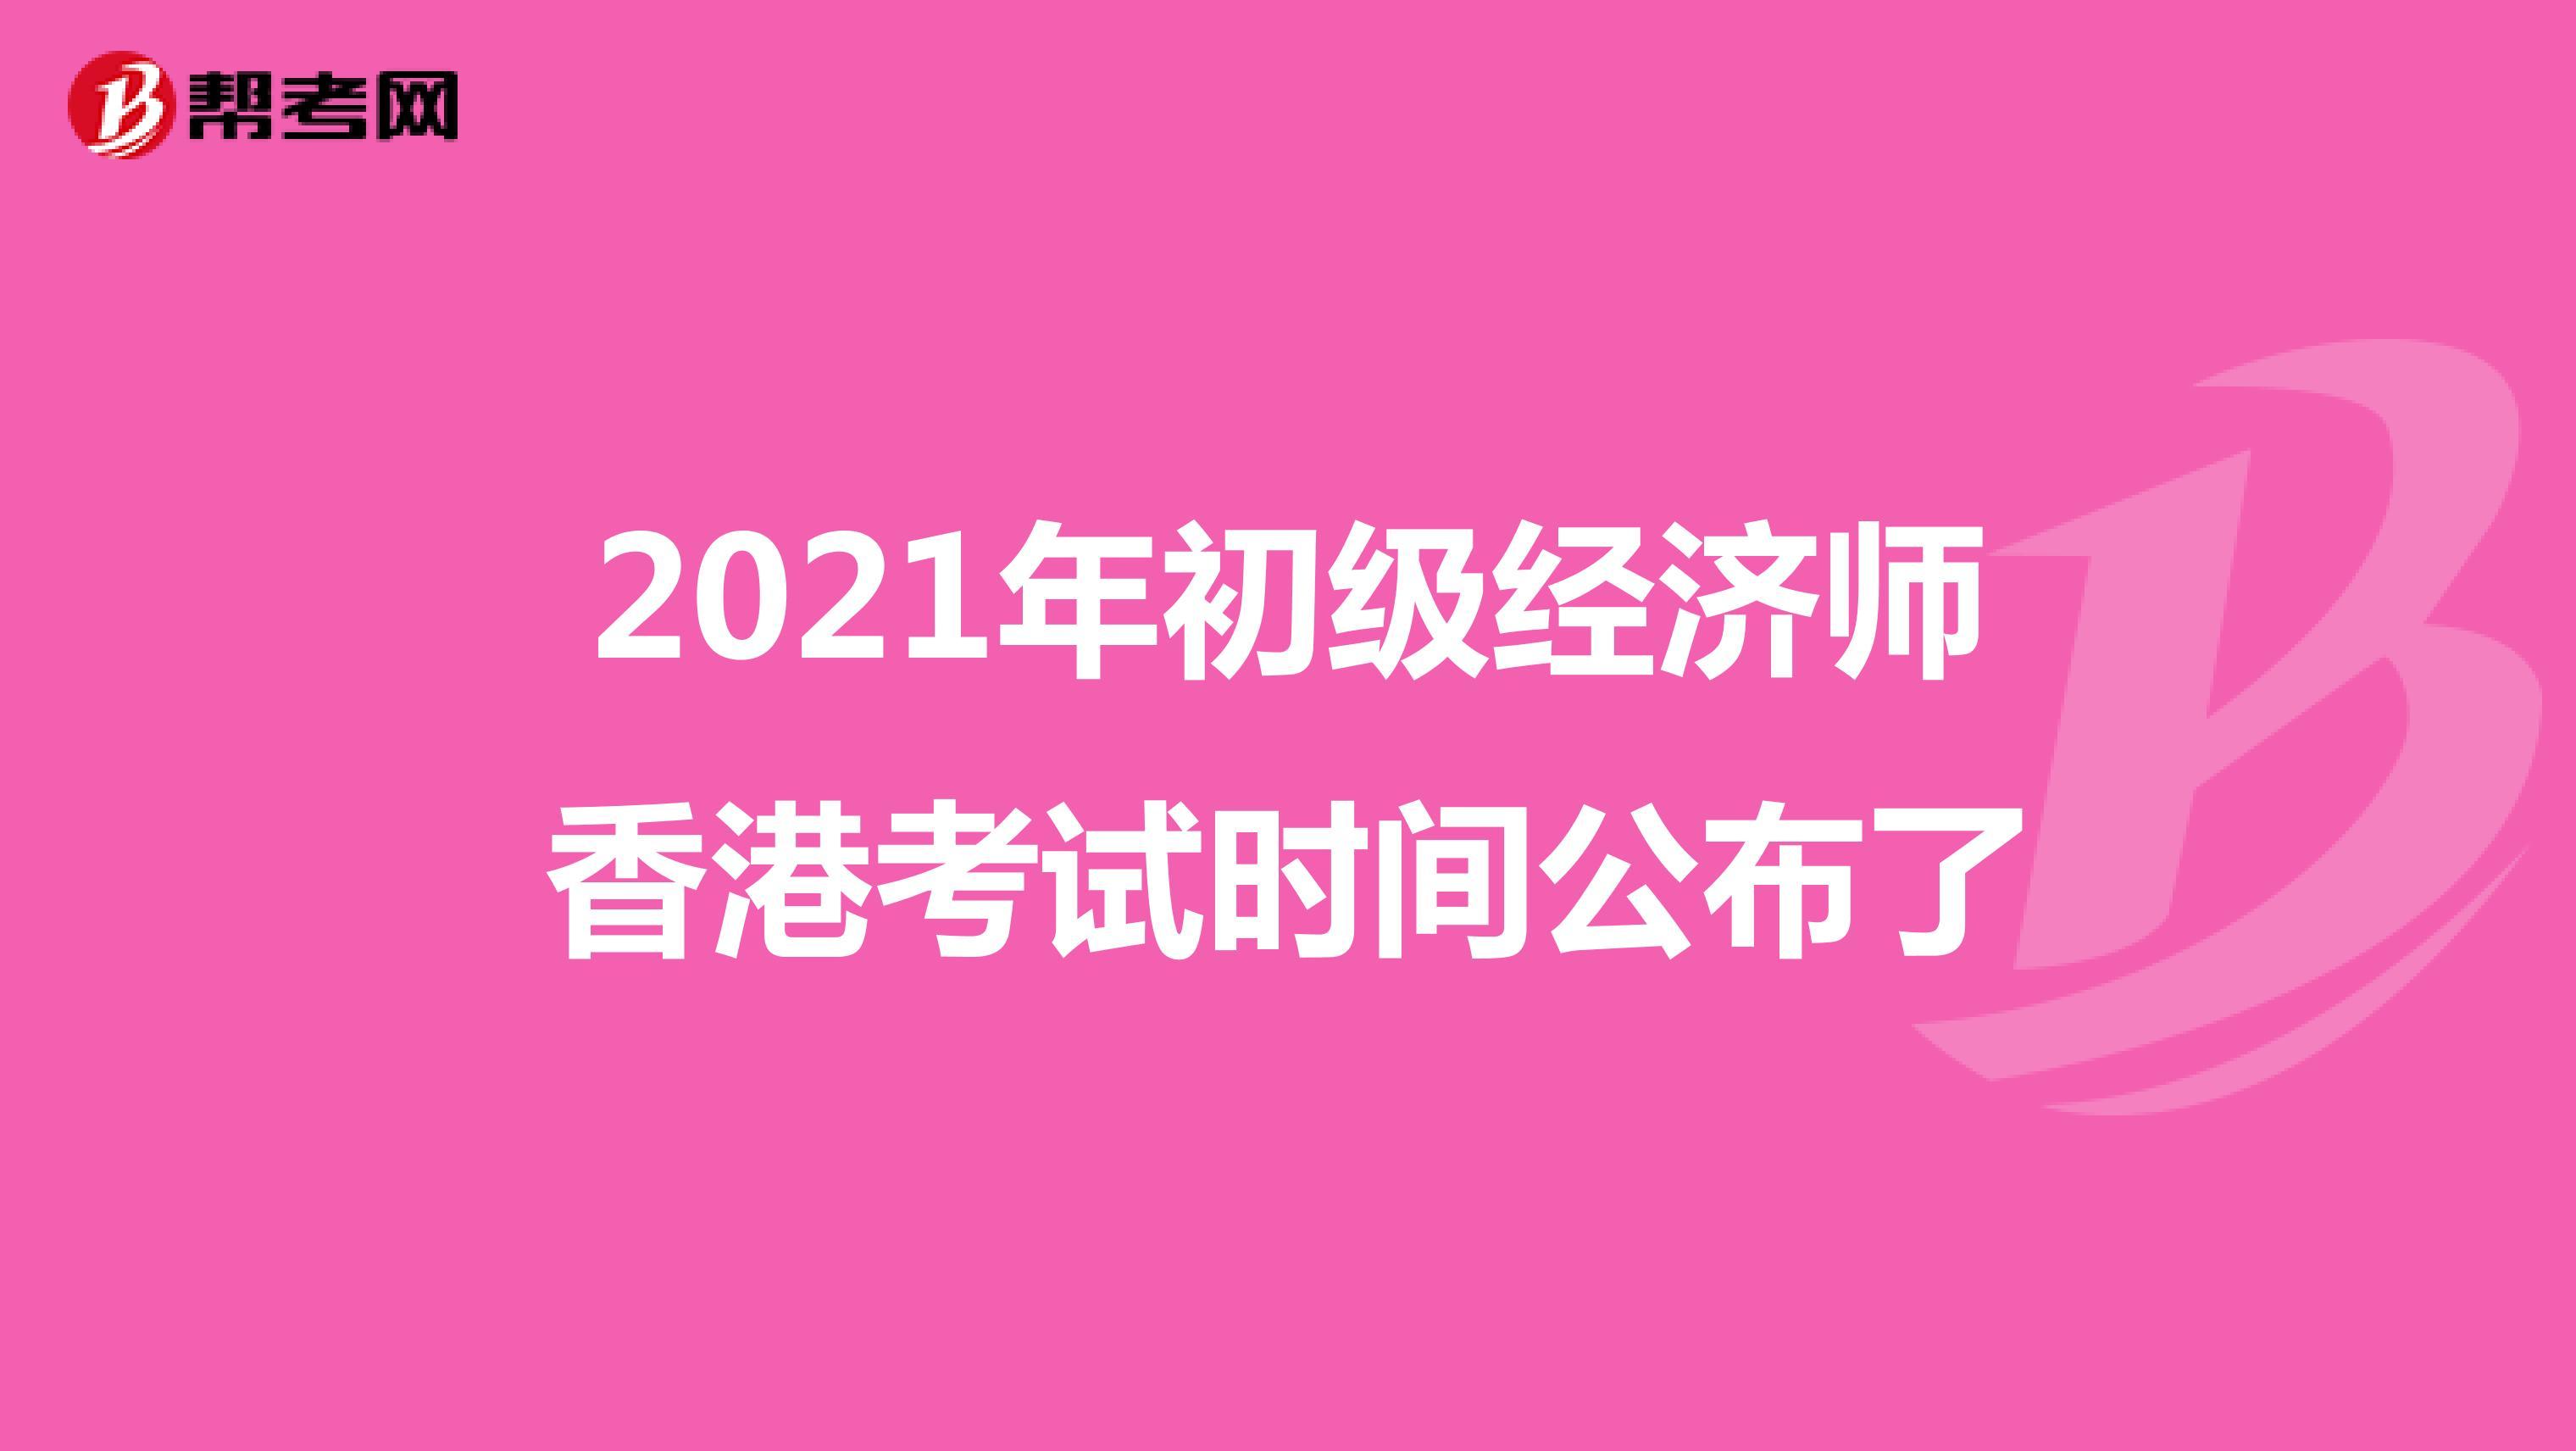 2021年初级经济师香港考试时间公布了